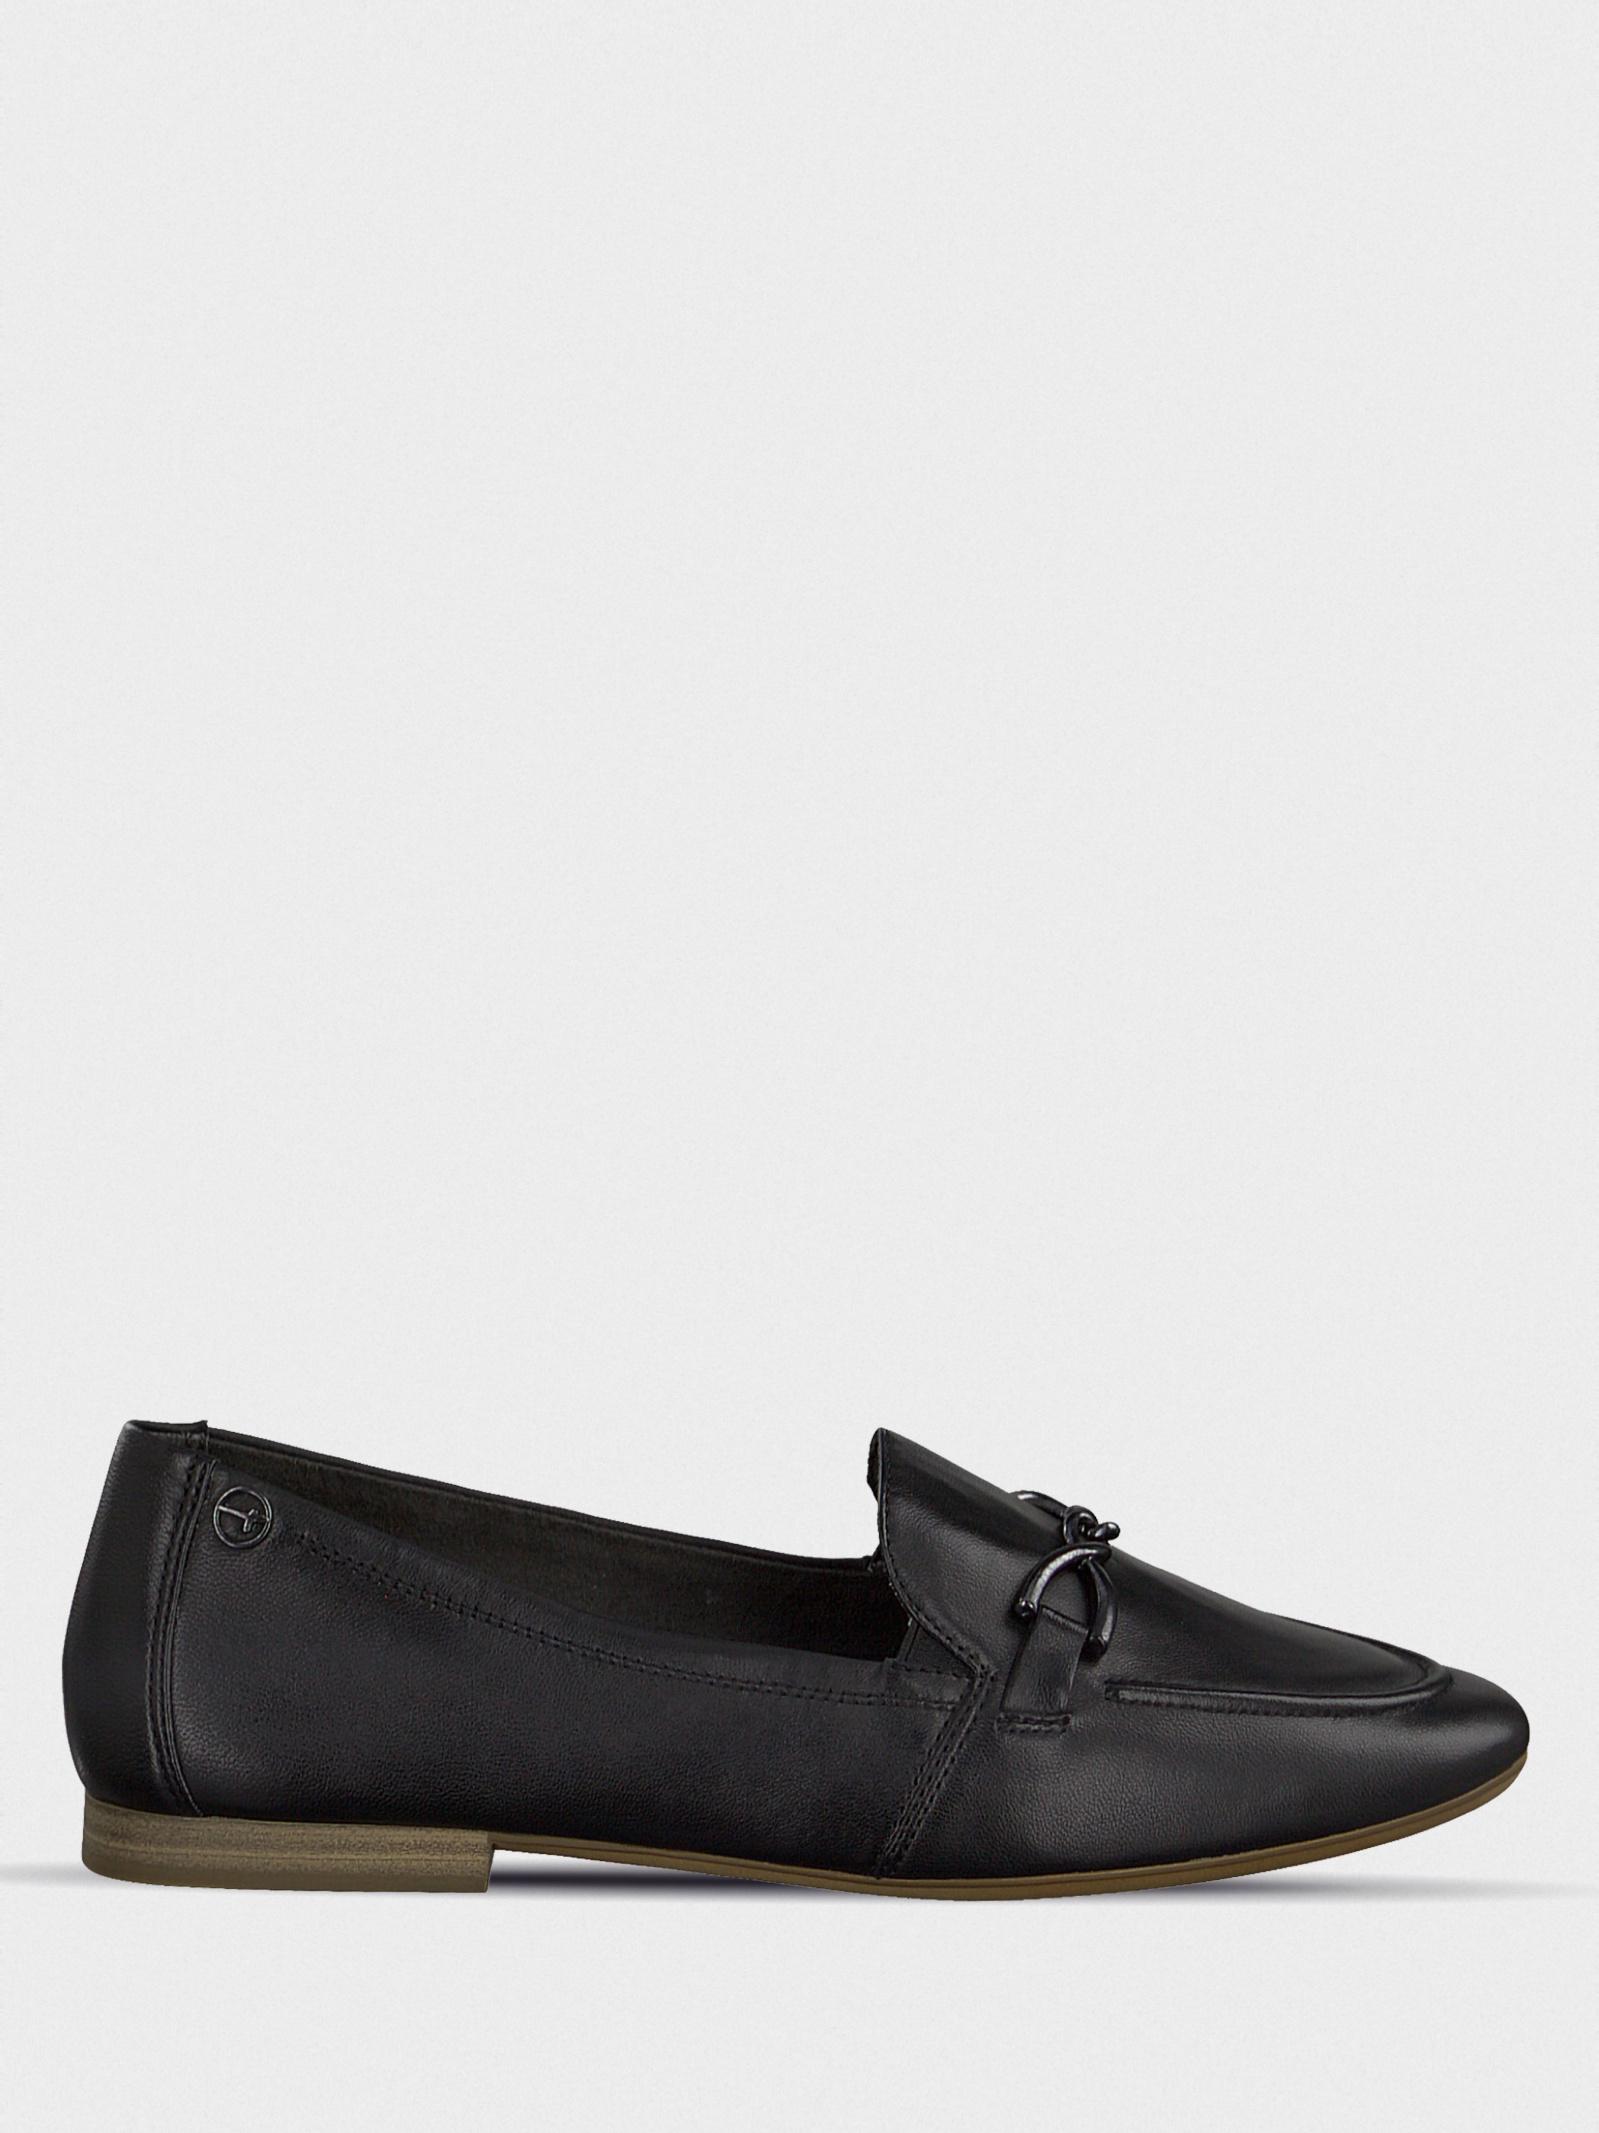 Туфли для женщин Tamaris IS734 примерка, 2017